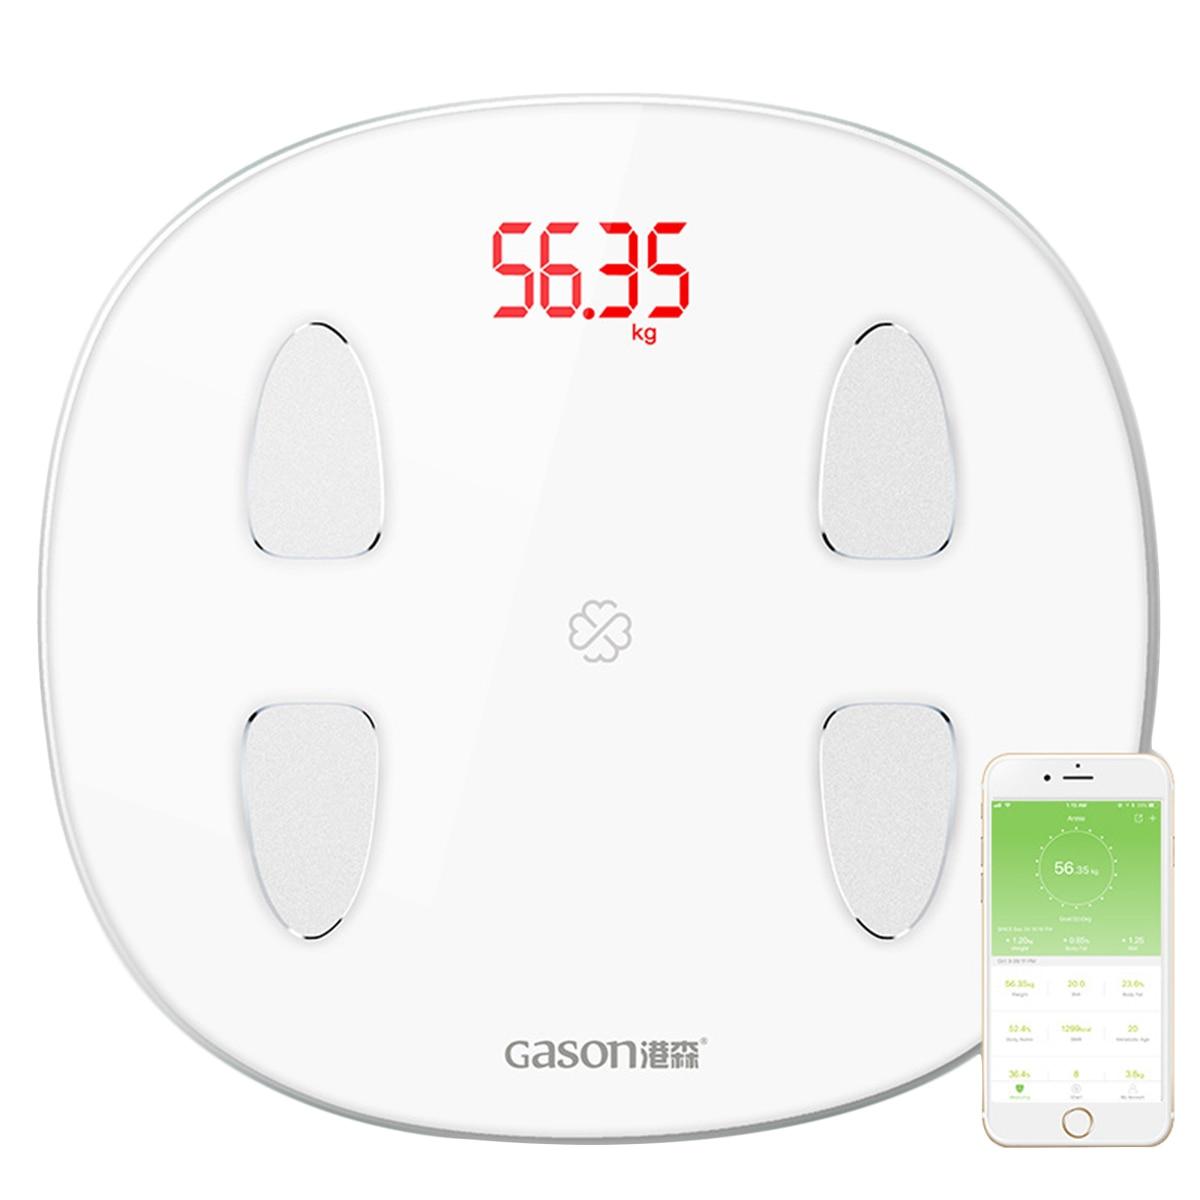 1 шт. весовые весы утилита портативные Bluetooth Stalinite Электронные цифровые весы для домашнего веса ing здоровья - 5